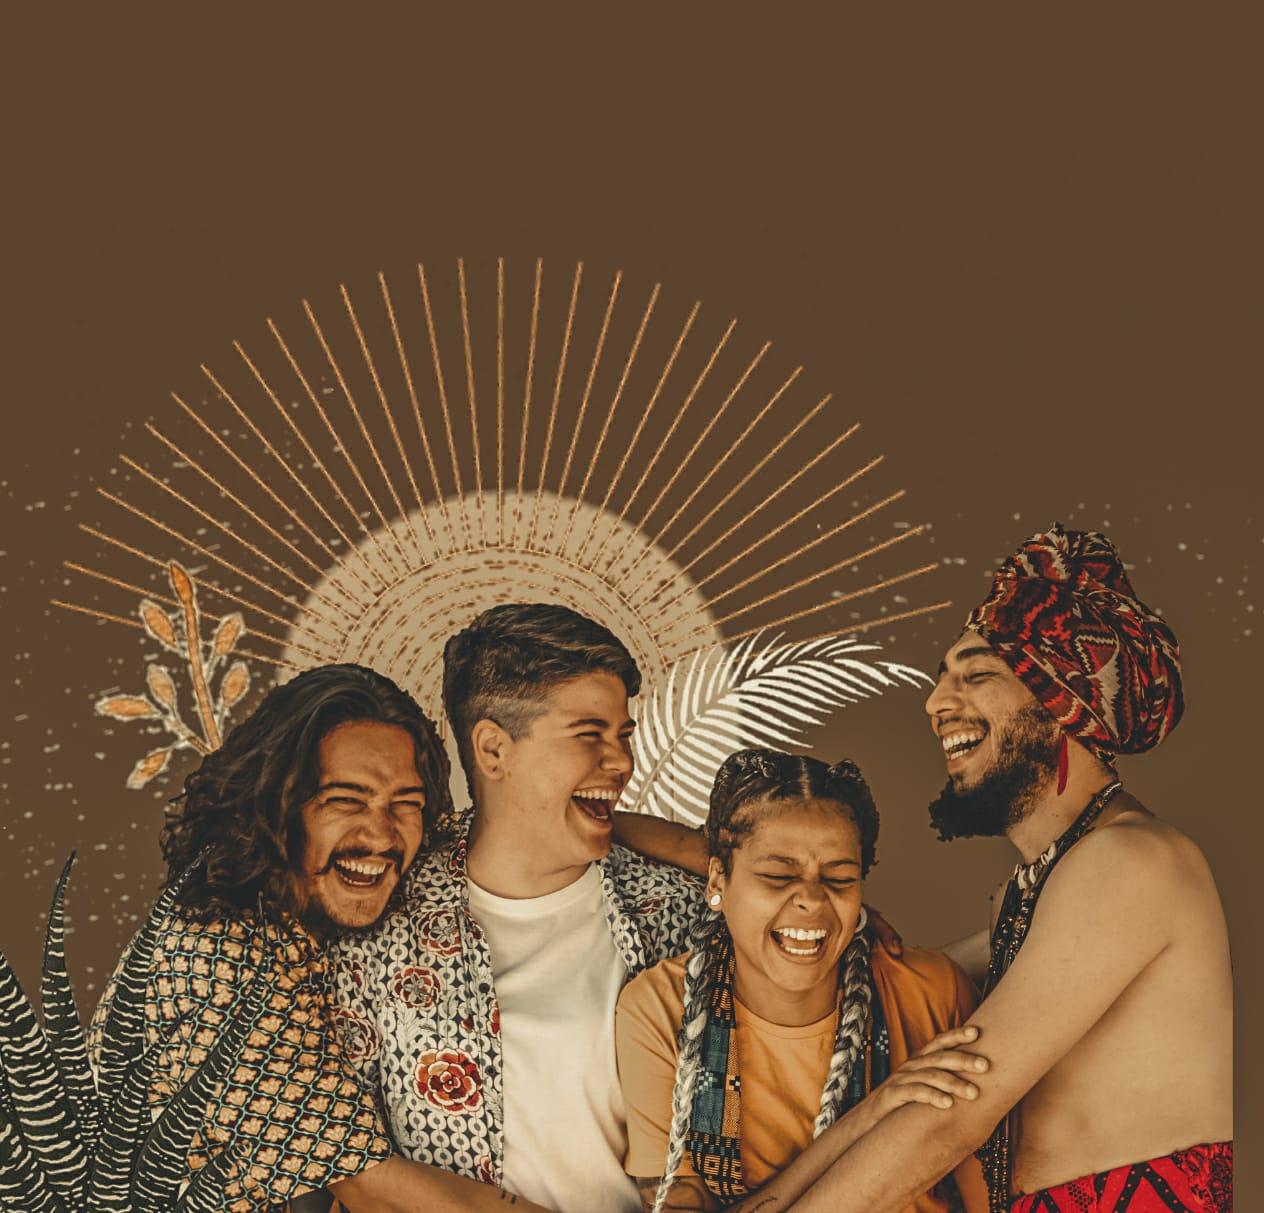 Martim Cererê recebe Xangô Festival de Artes nesta sexta (19)